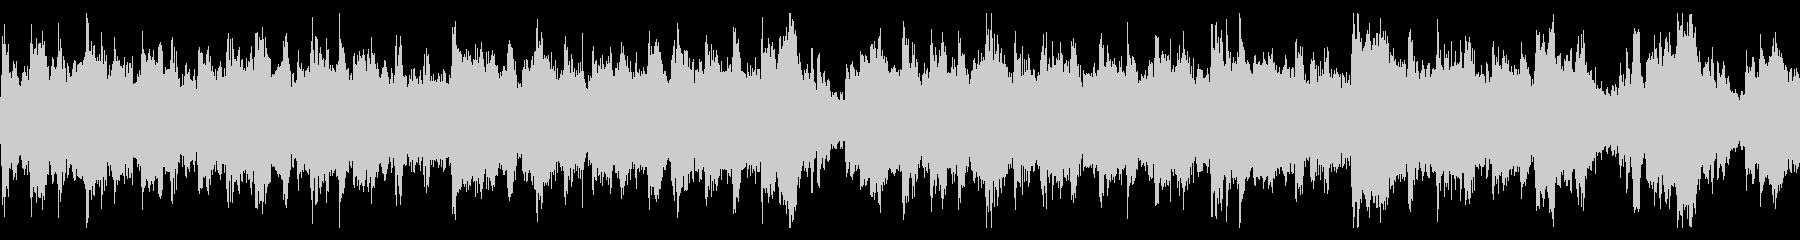 ディズニー風・吹奏楽マーチ曲・ループ仕様の未再生の波形